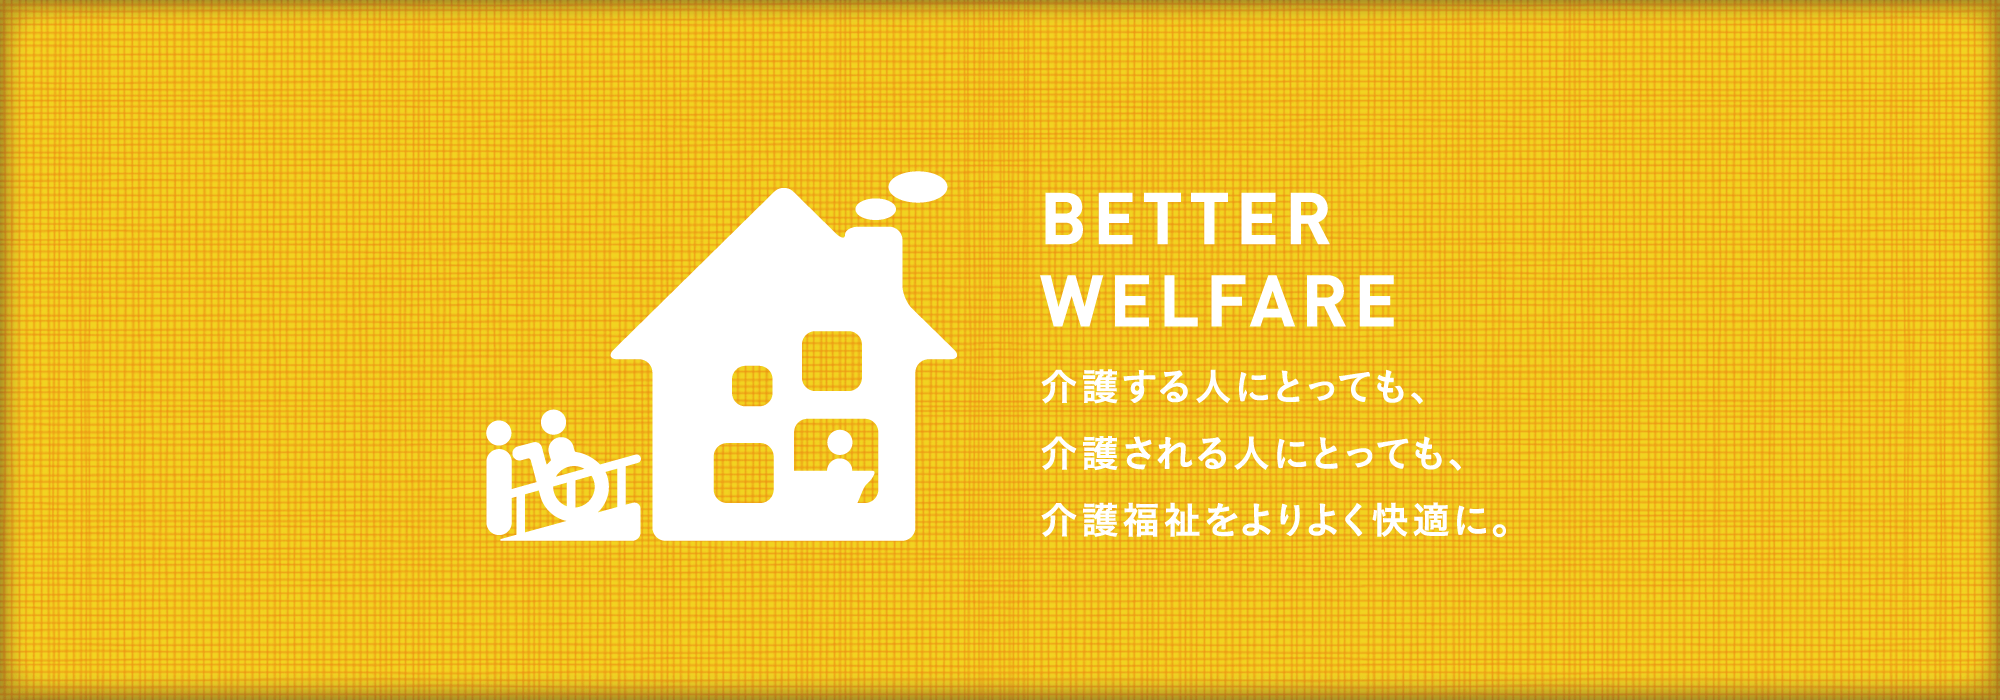 BETTER WELFARE 介護する人にとっても、介護される人にとっても、介護福祉をよりよく快適に。